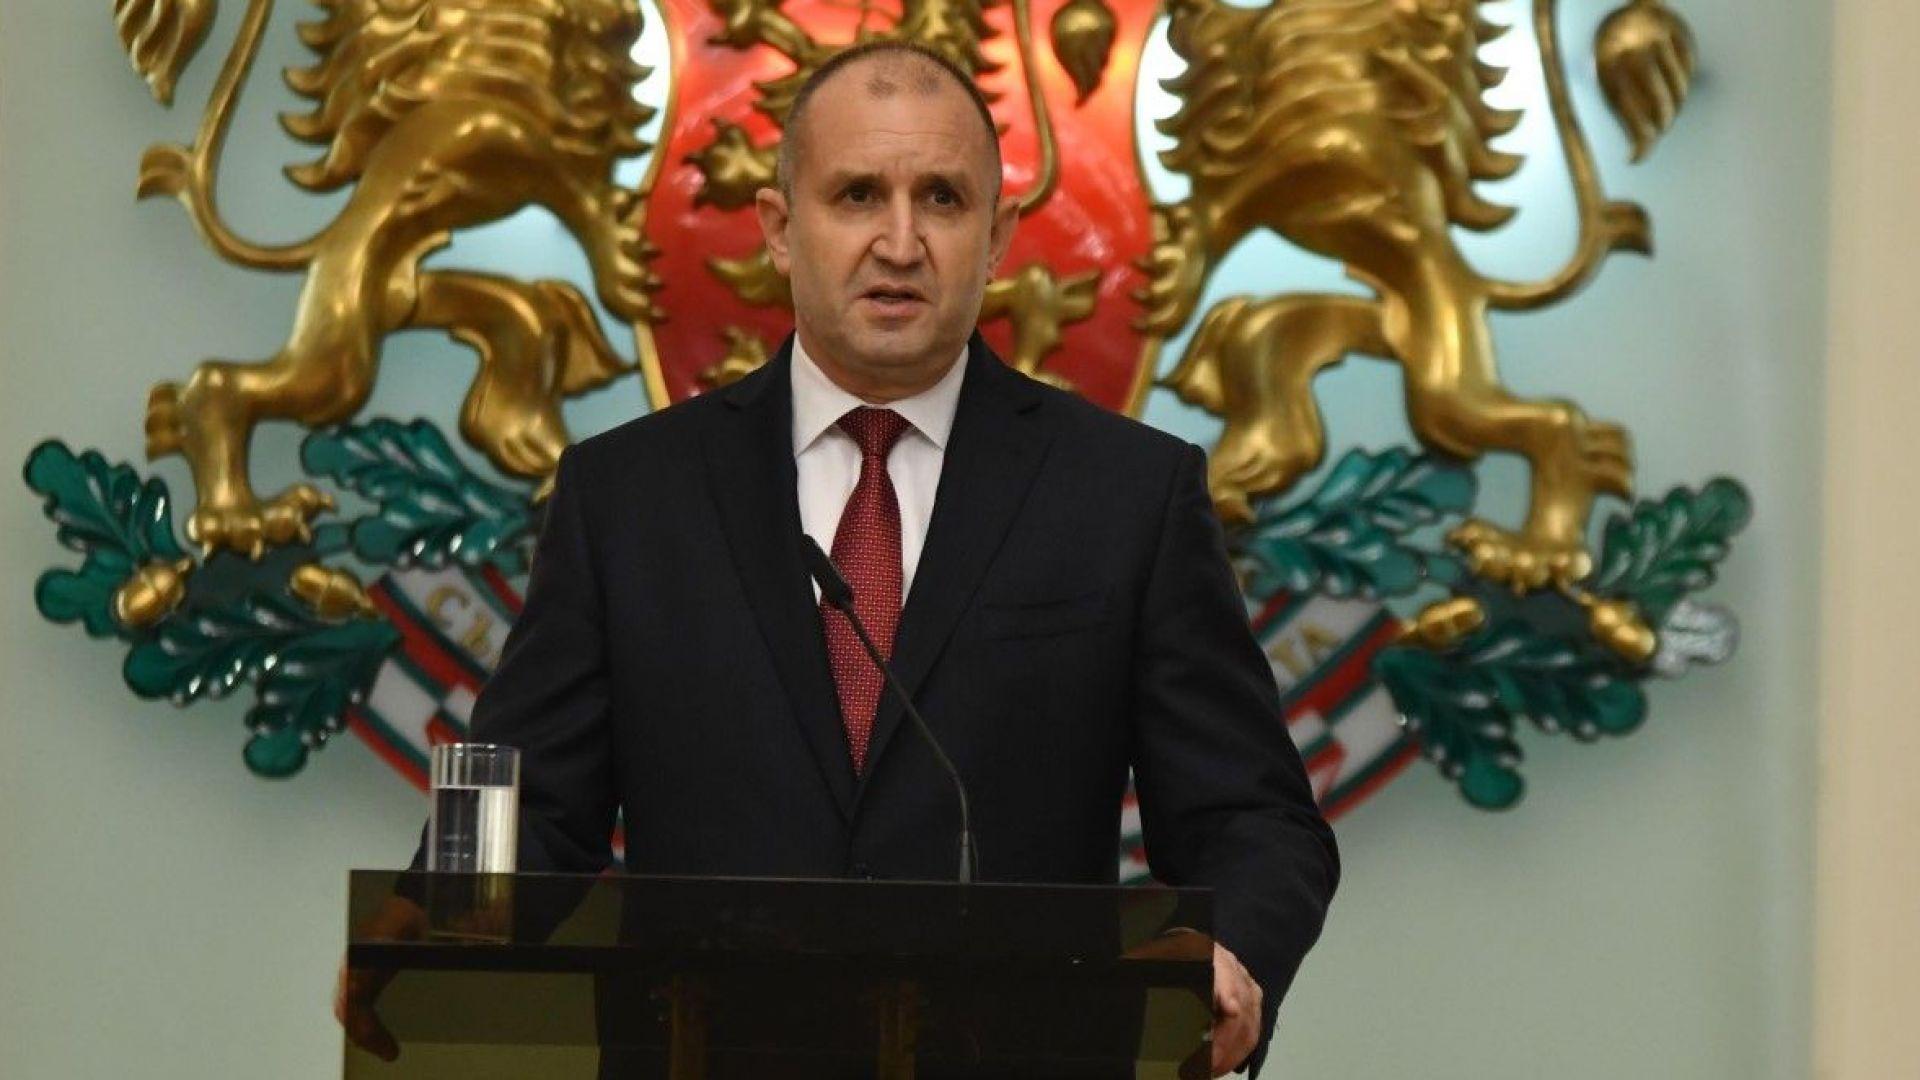 Президентът очаква от партиите да се произнесат по посланието му за Нова България